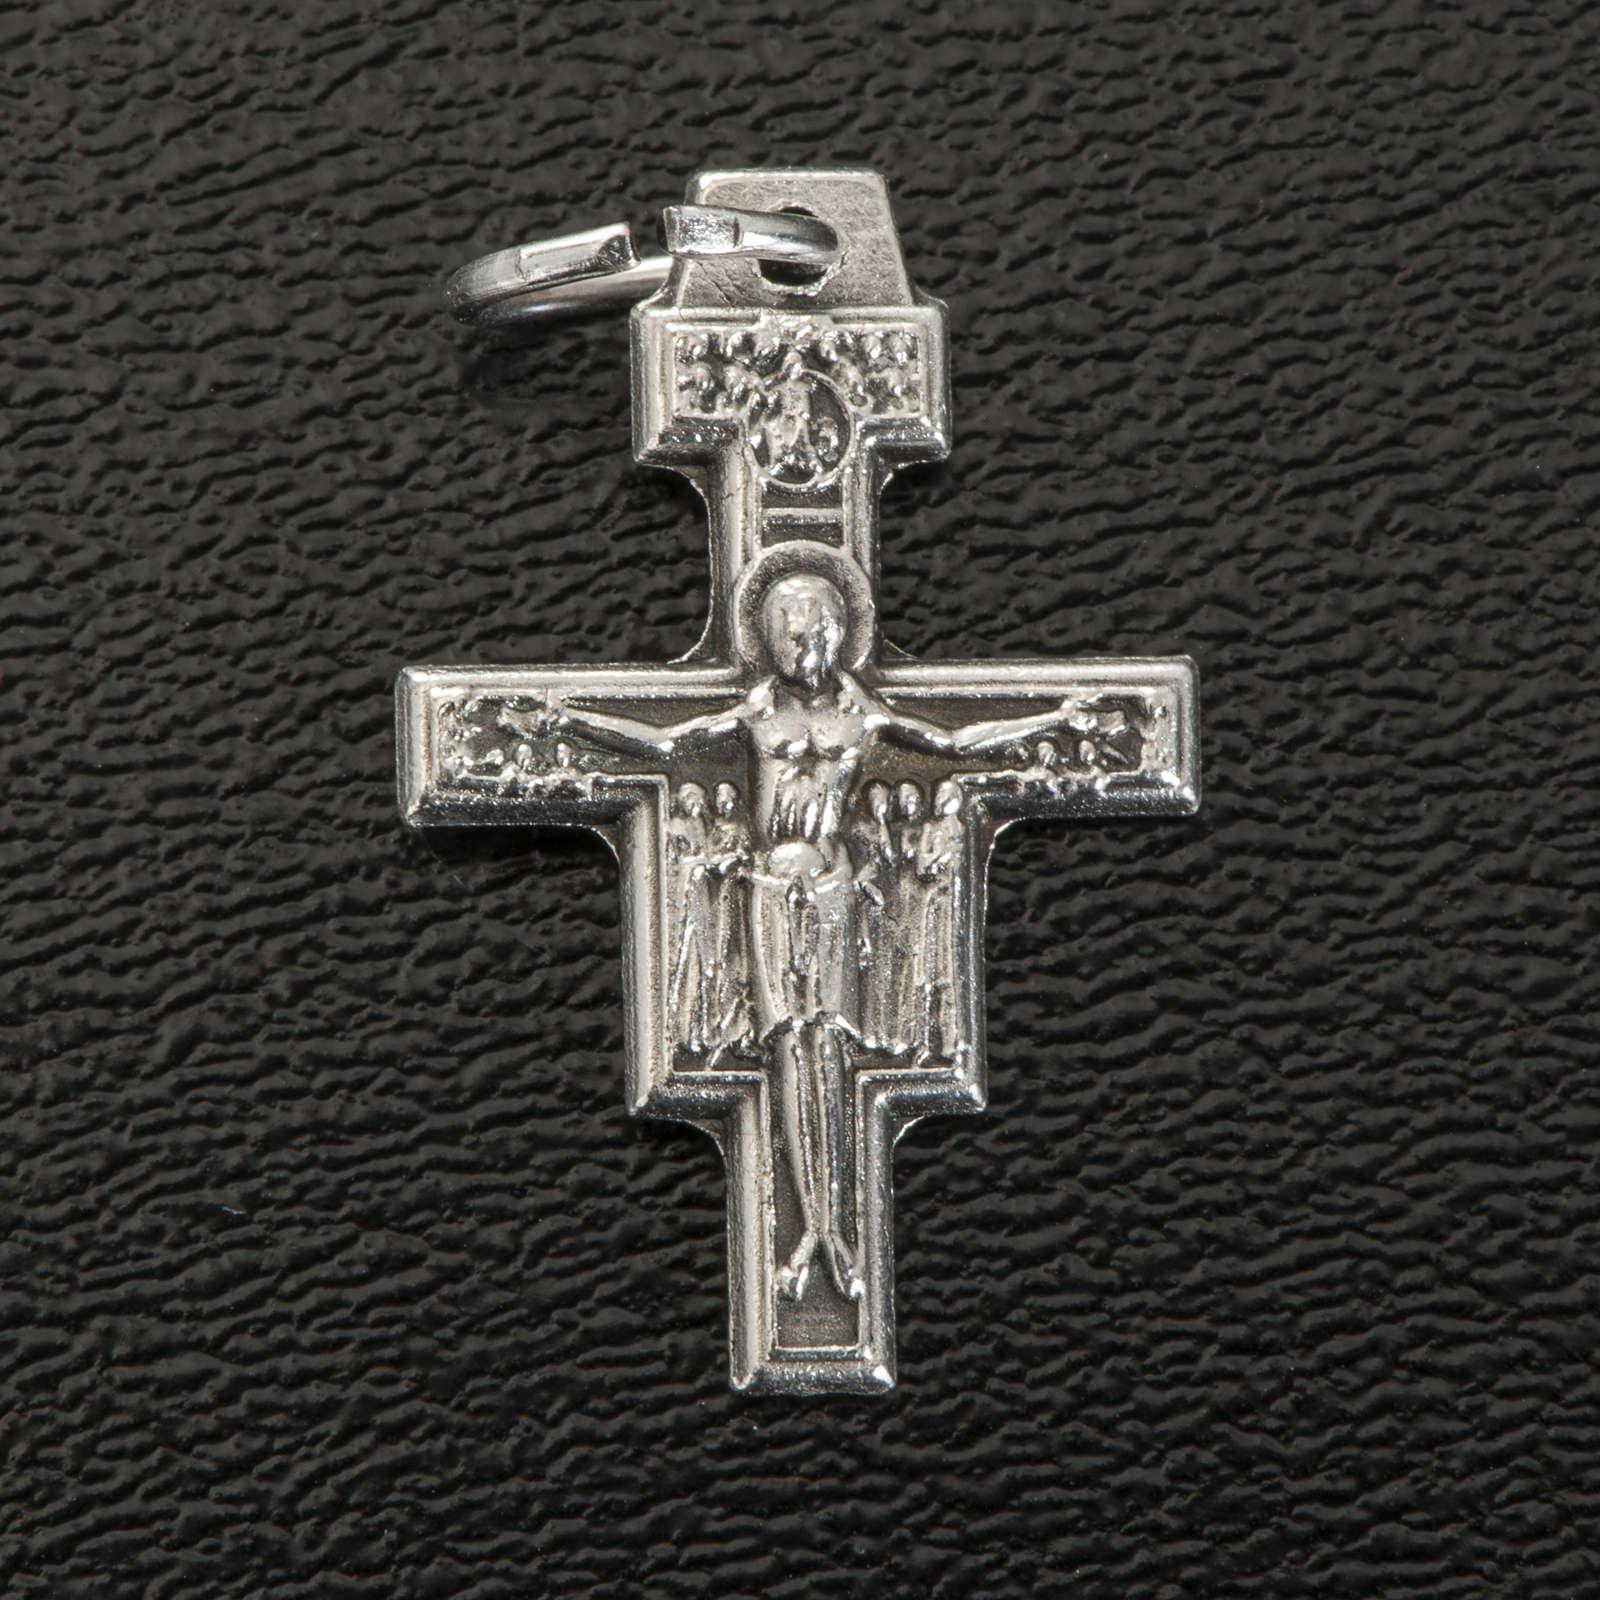 Croce pendente San Damiano metallo argentato h 2 cm 4